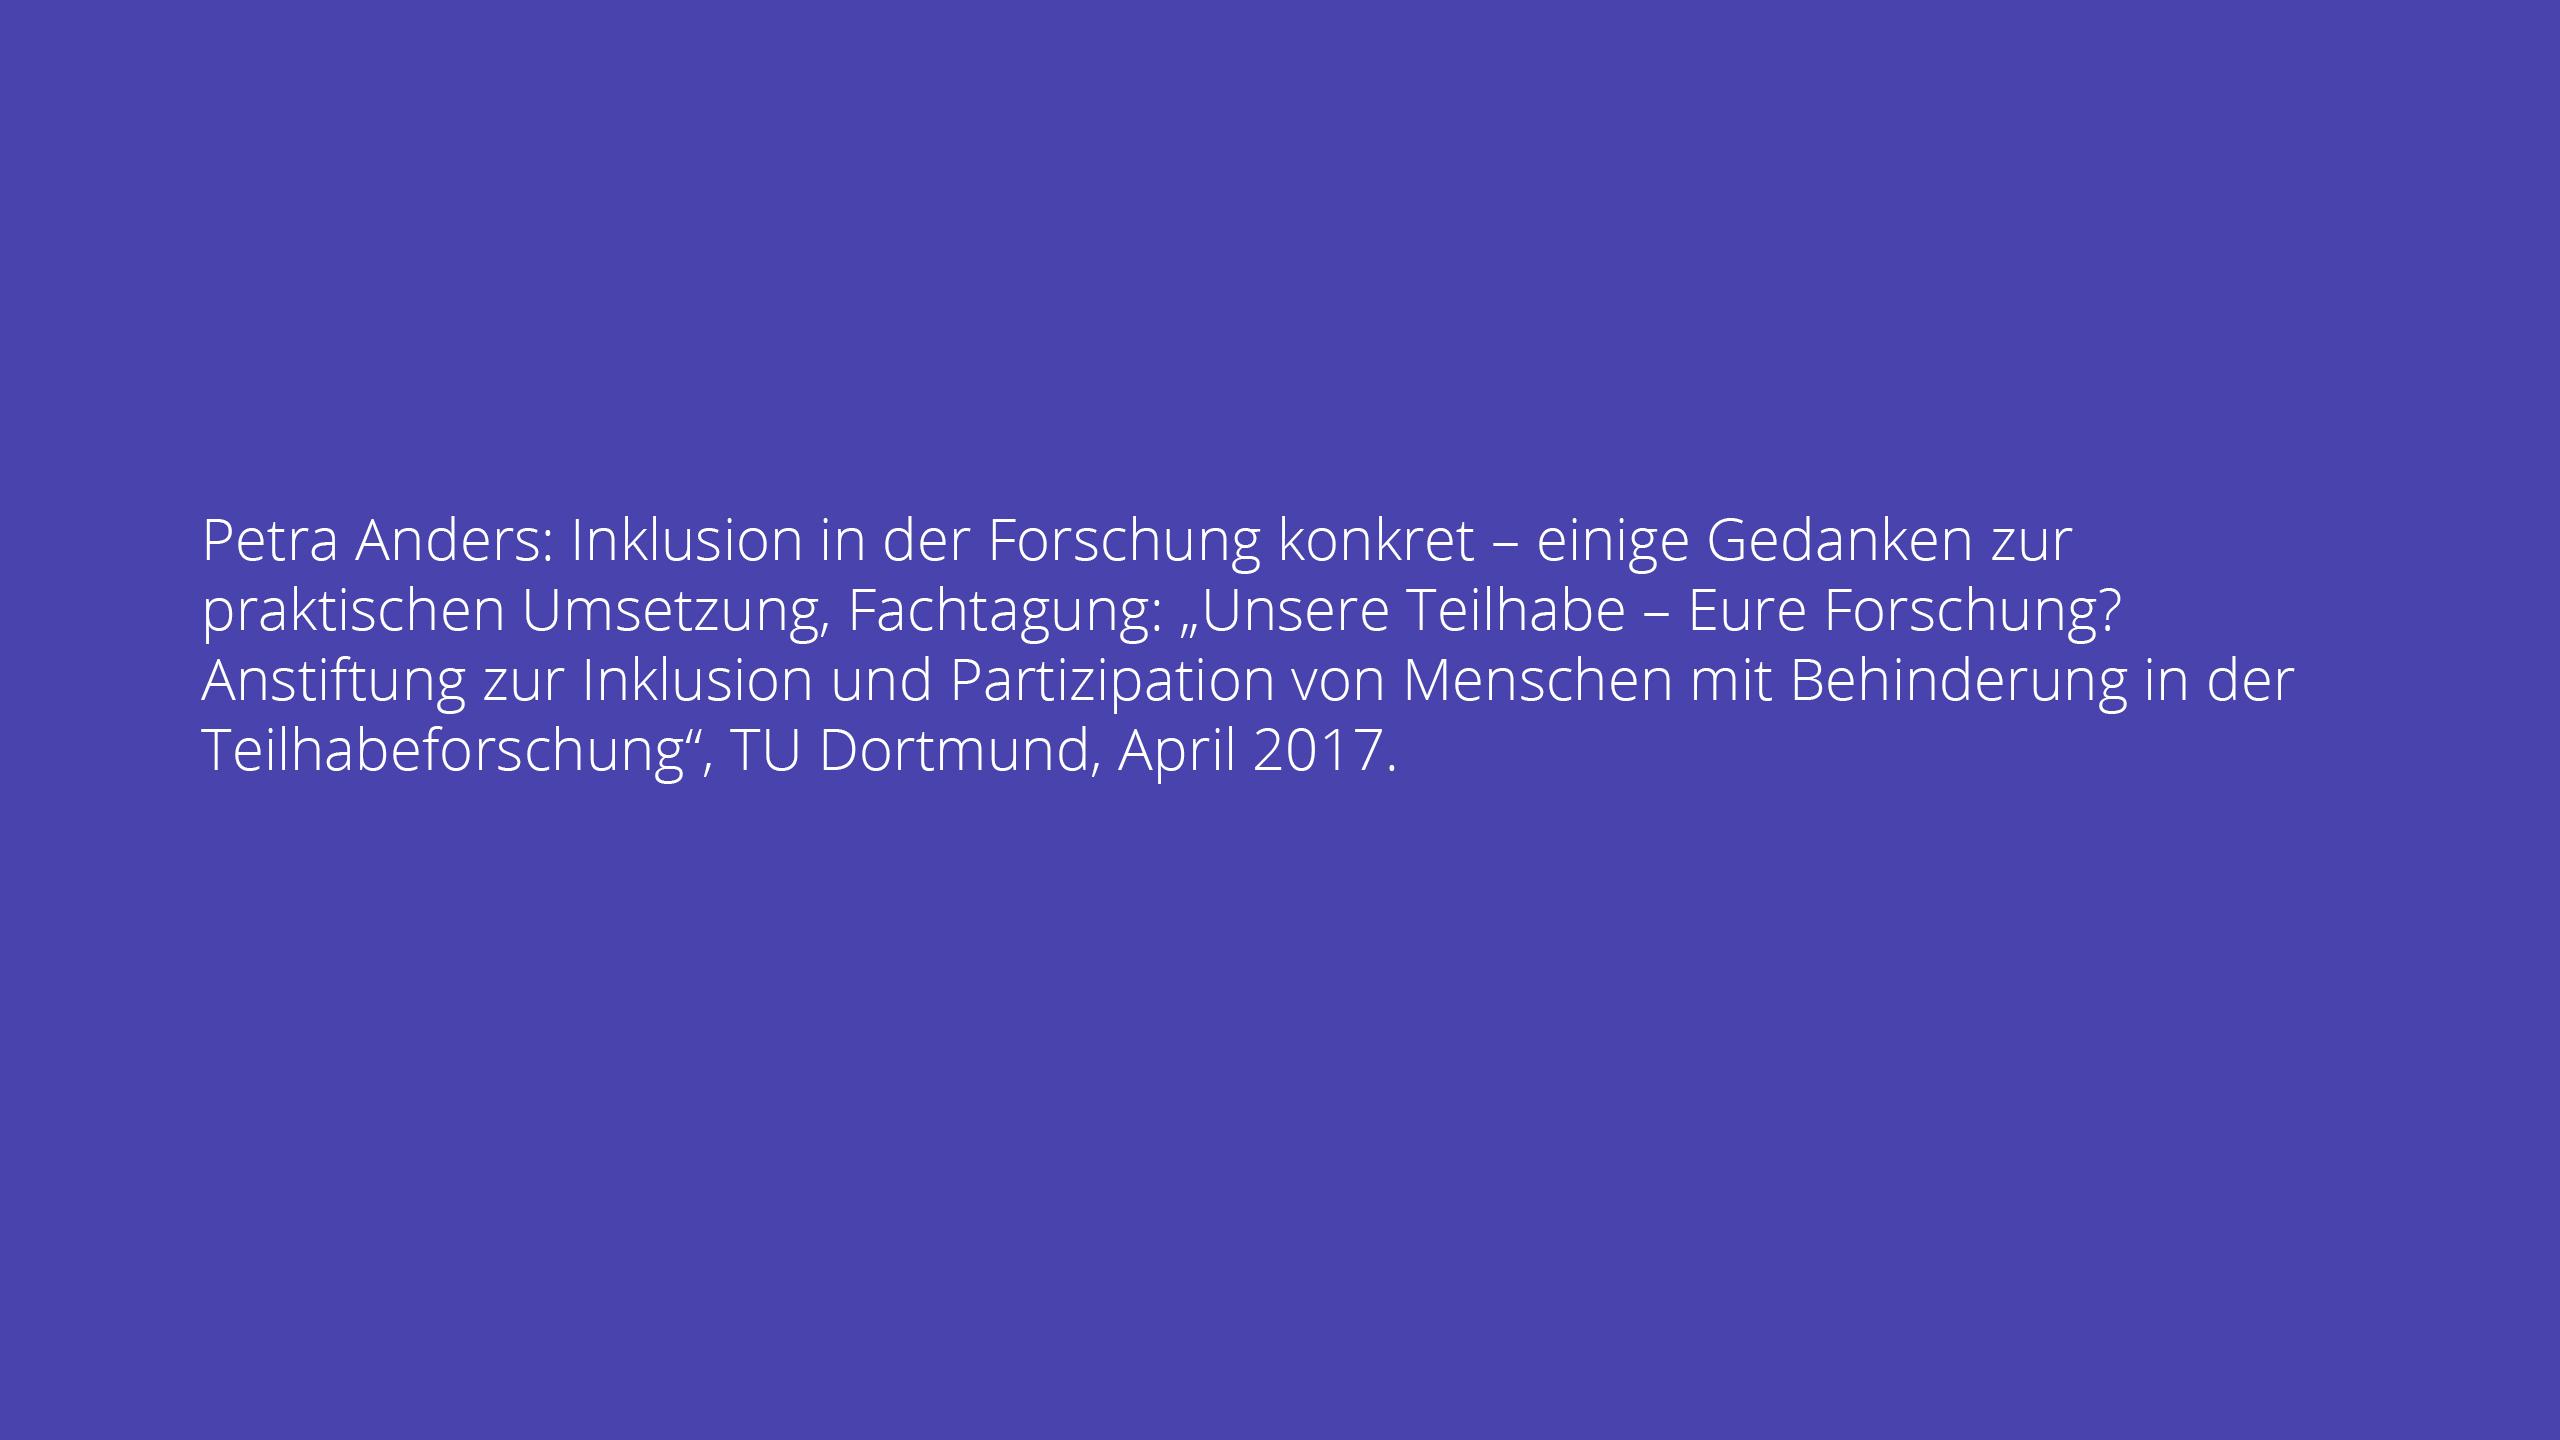 Petra Anders: Inklusion in der Forschung konkret – einige Gedanken zur praktischen Umsetzung